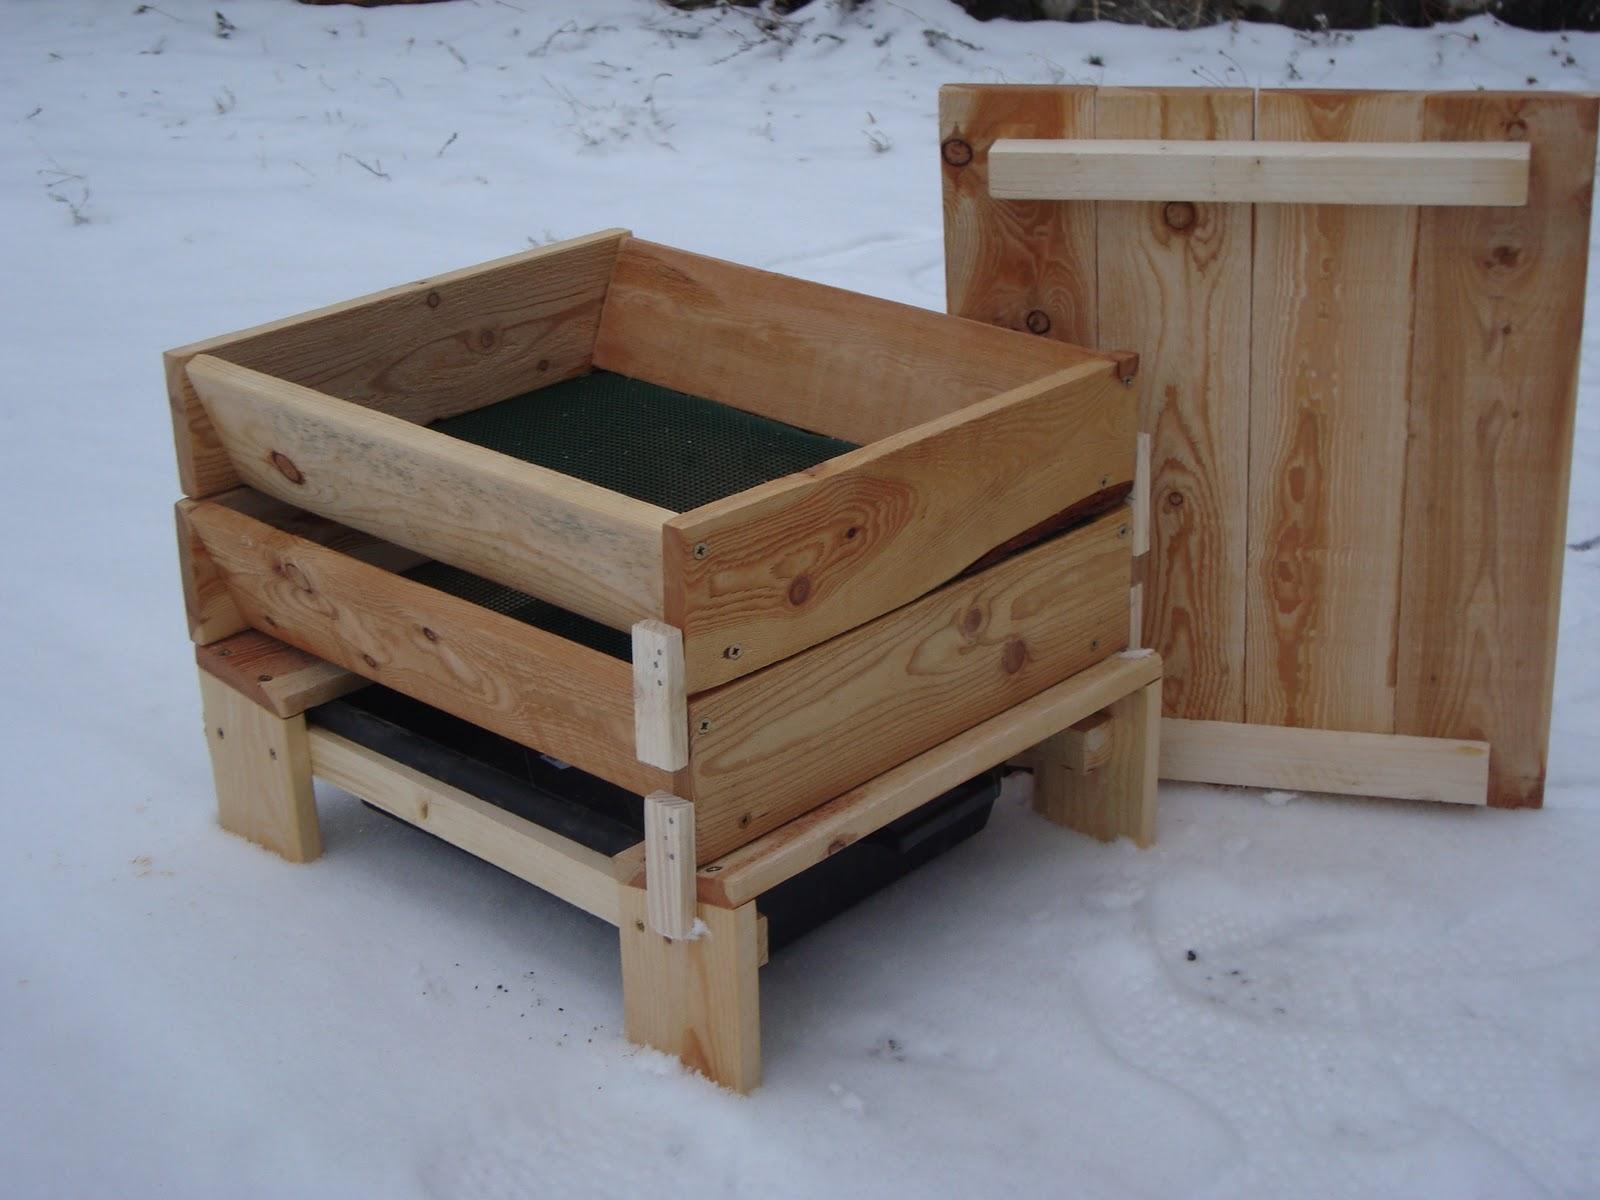 construire un composteur lescerveaux formidable. Black Bedroom Furniture Sets. Home Design Ideas